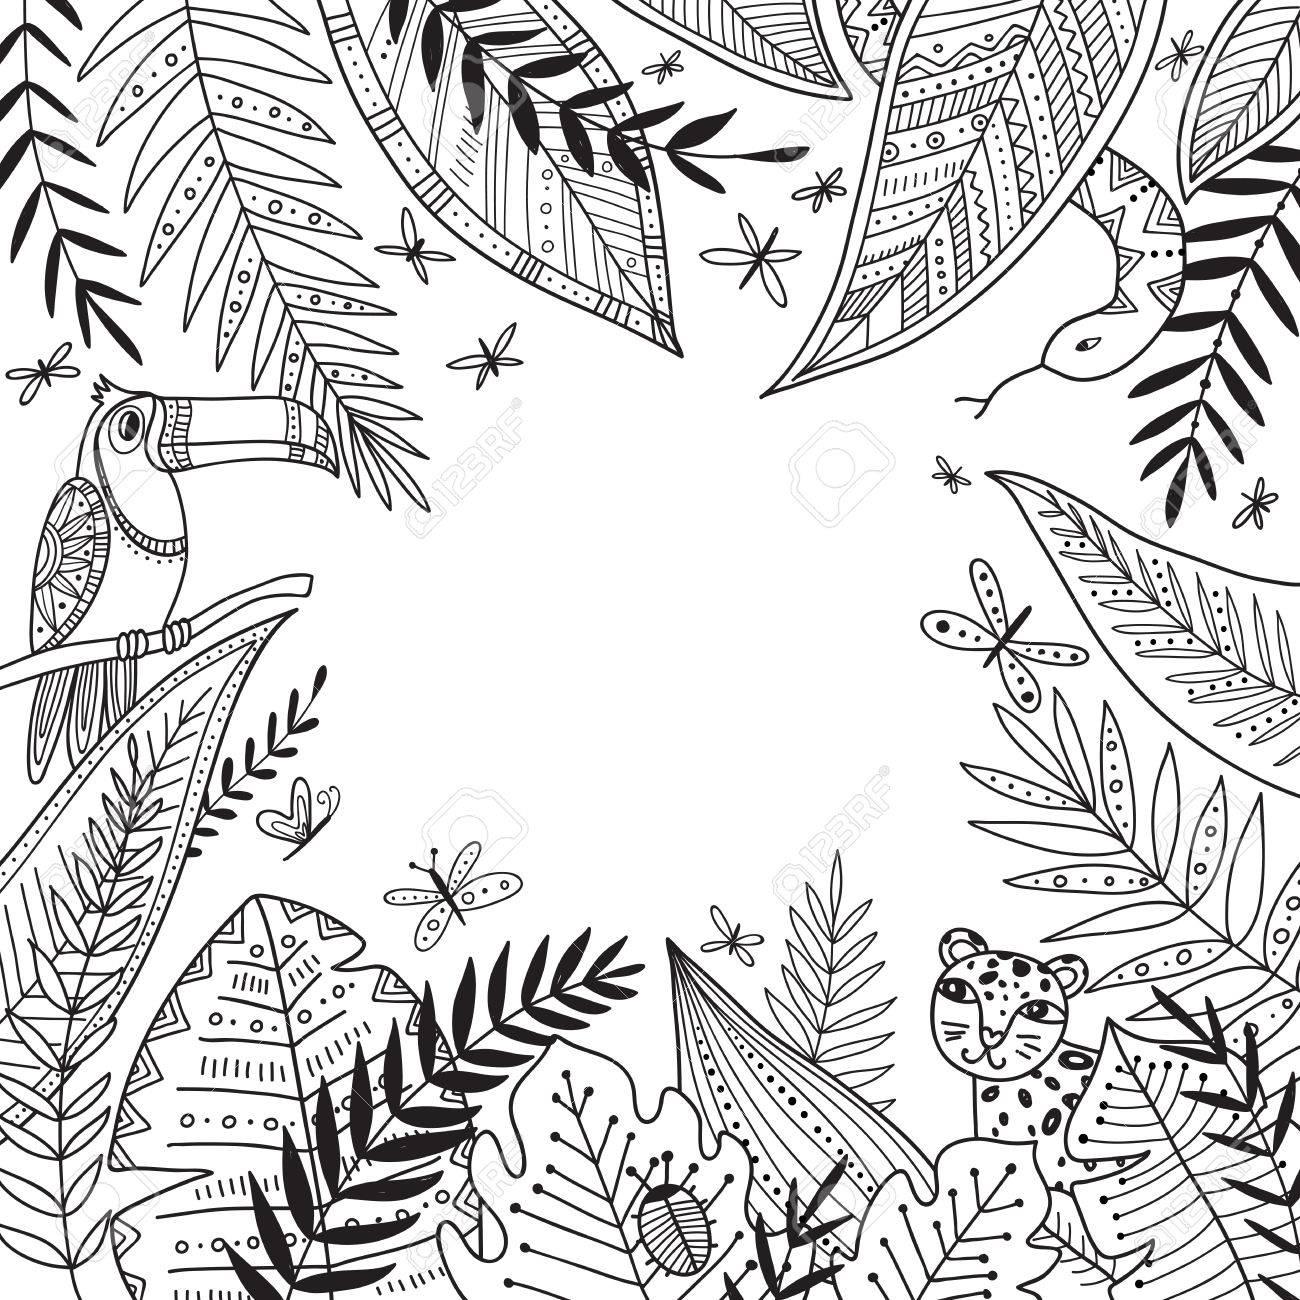 Vector Tropischen Dschungel Rahmen Mit Platz Für Ihren Text Mit